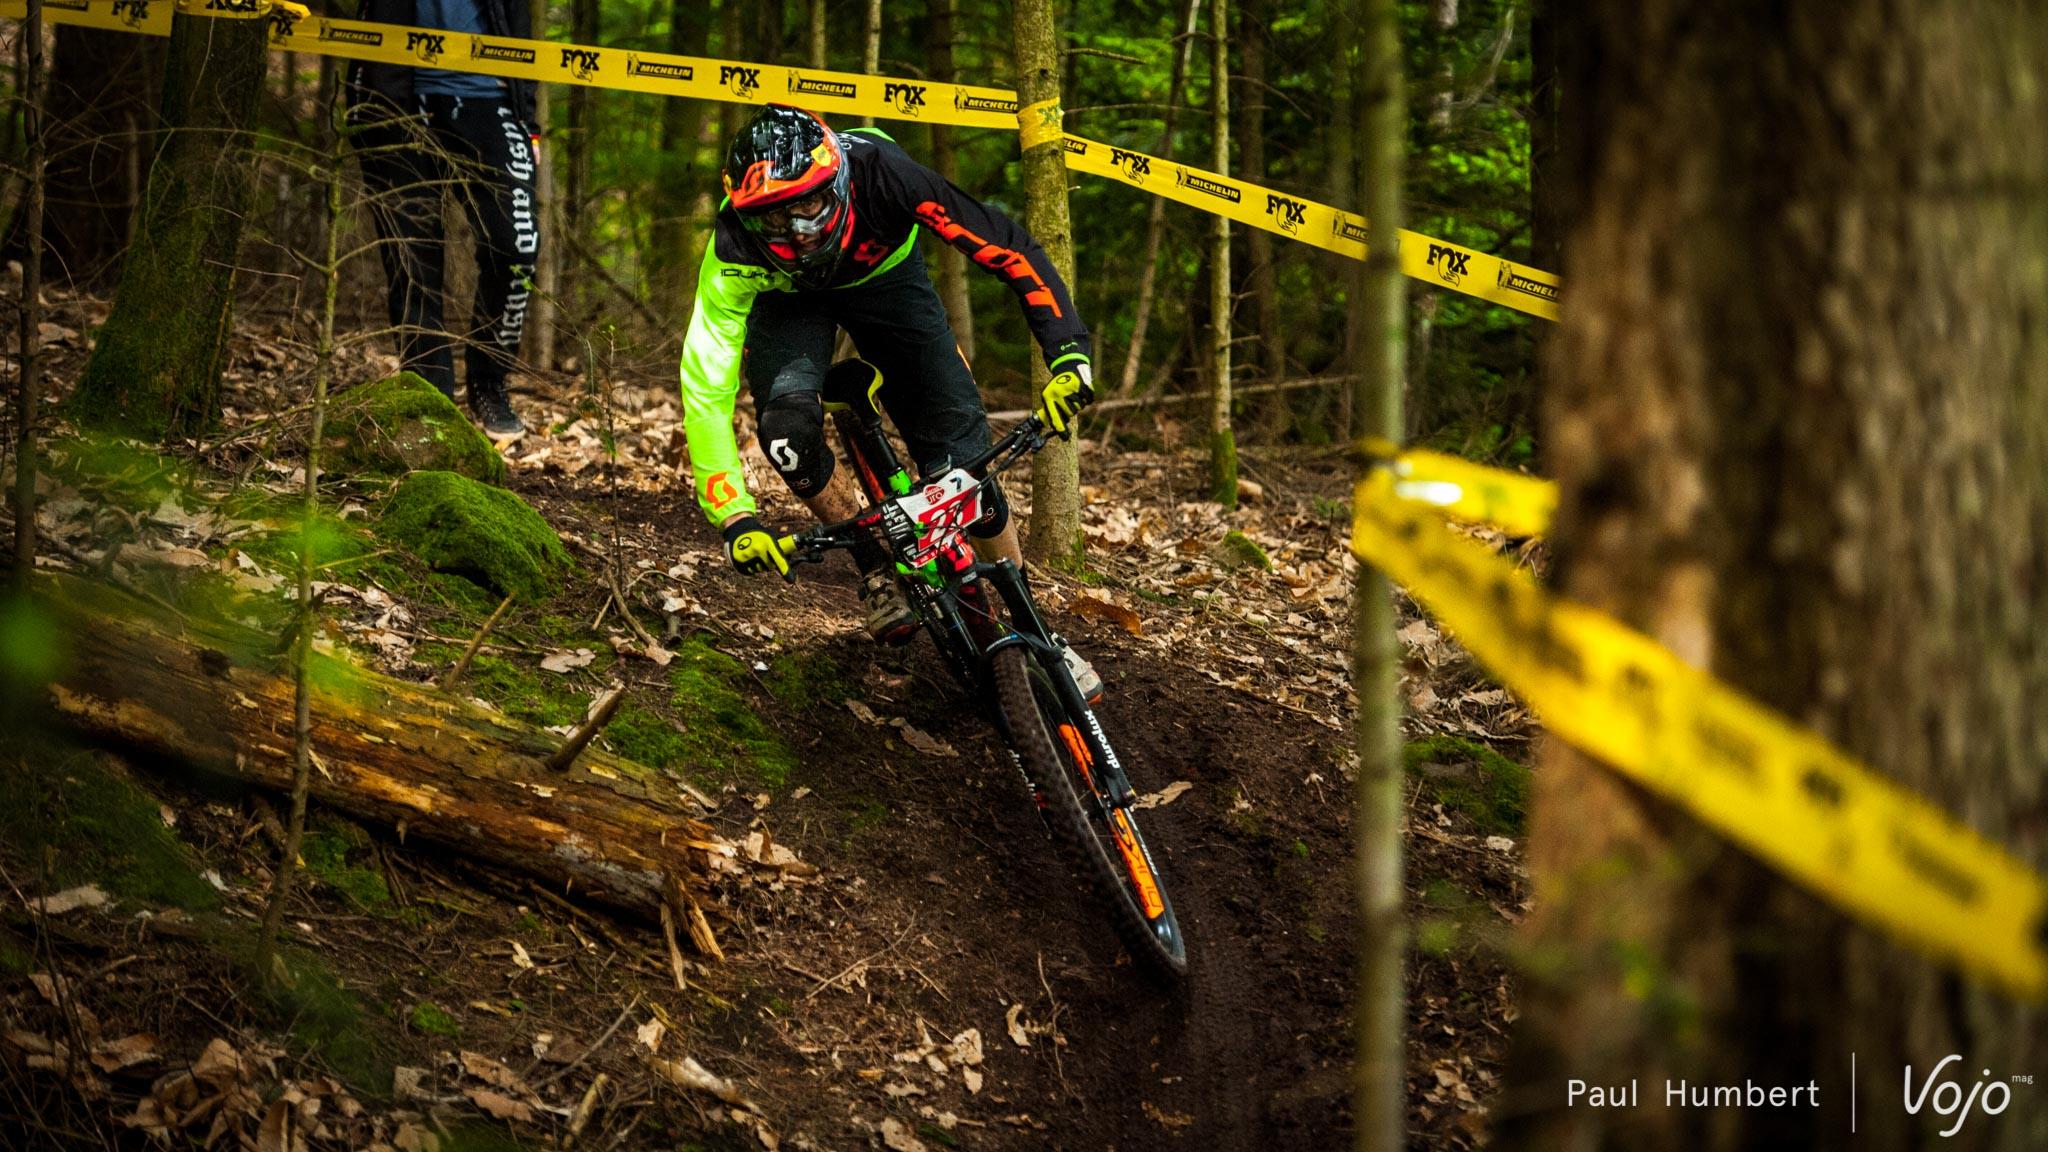 Raon-l-etape-vojo-2016-paul-humbert-21